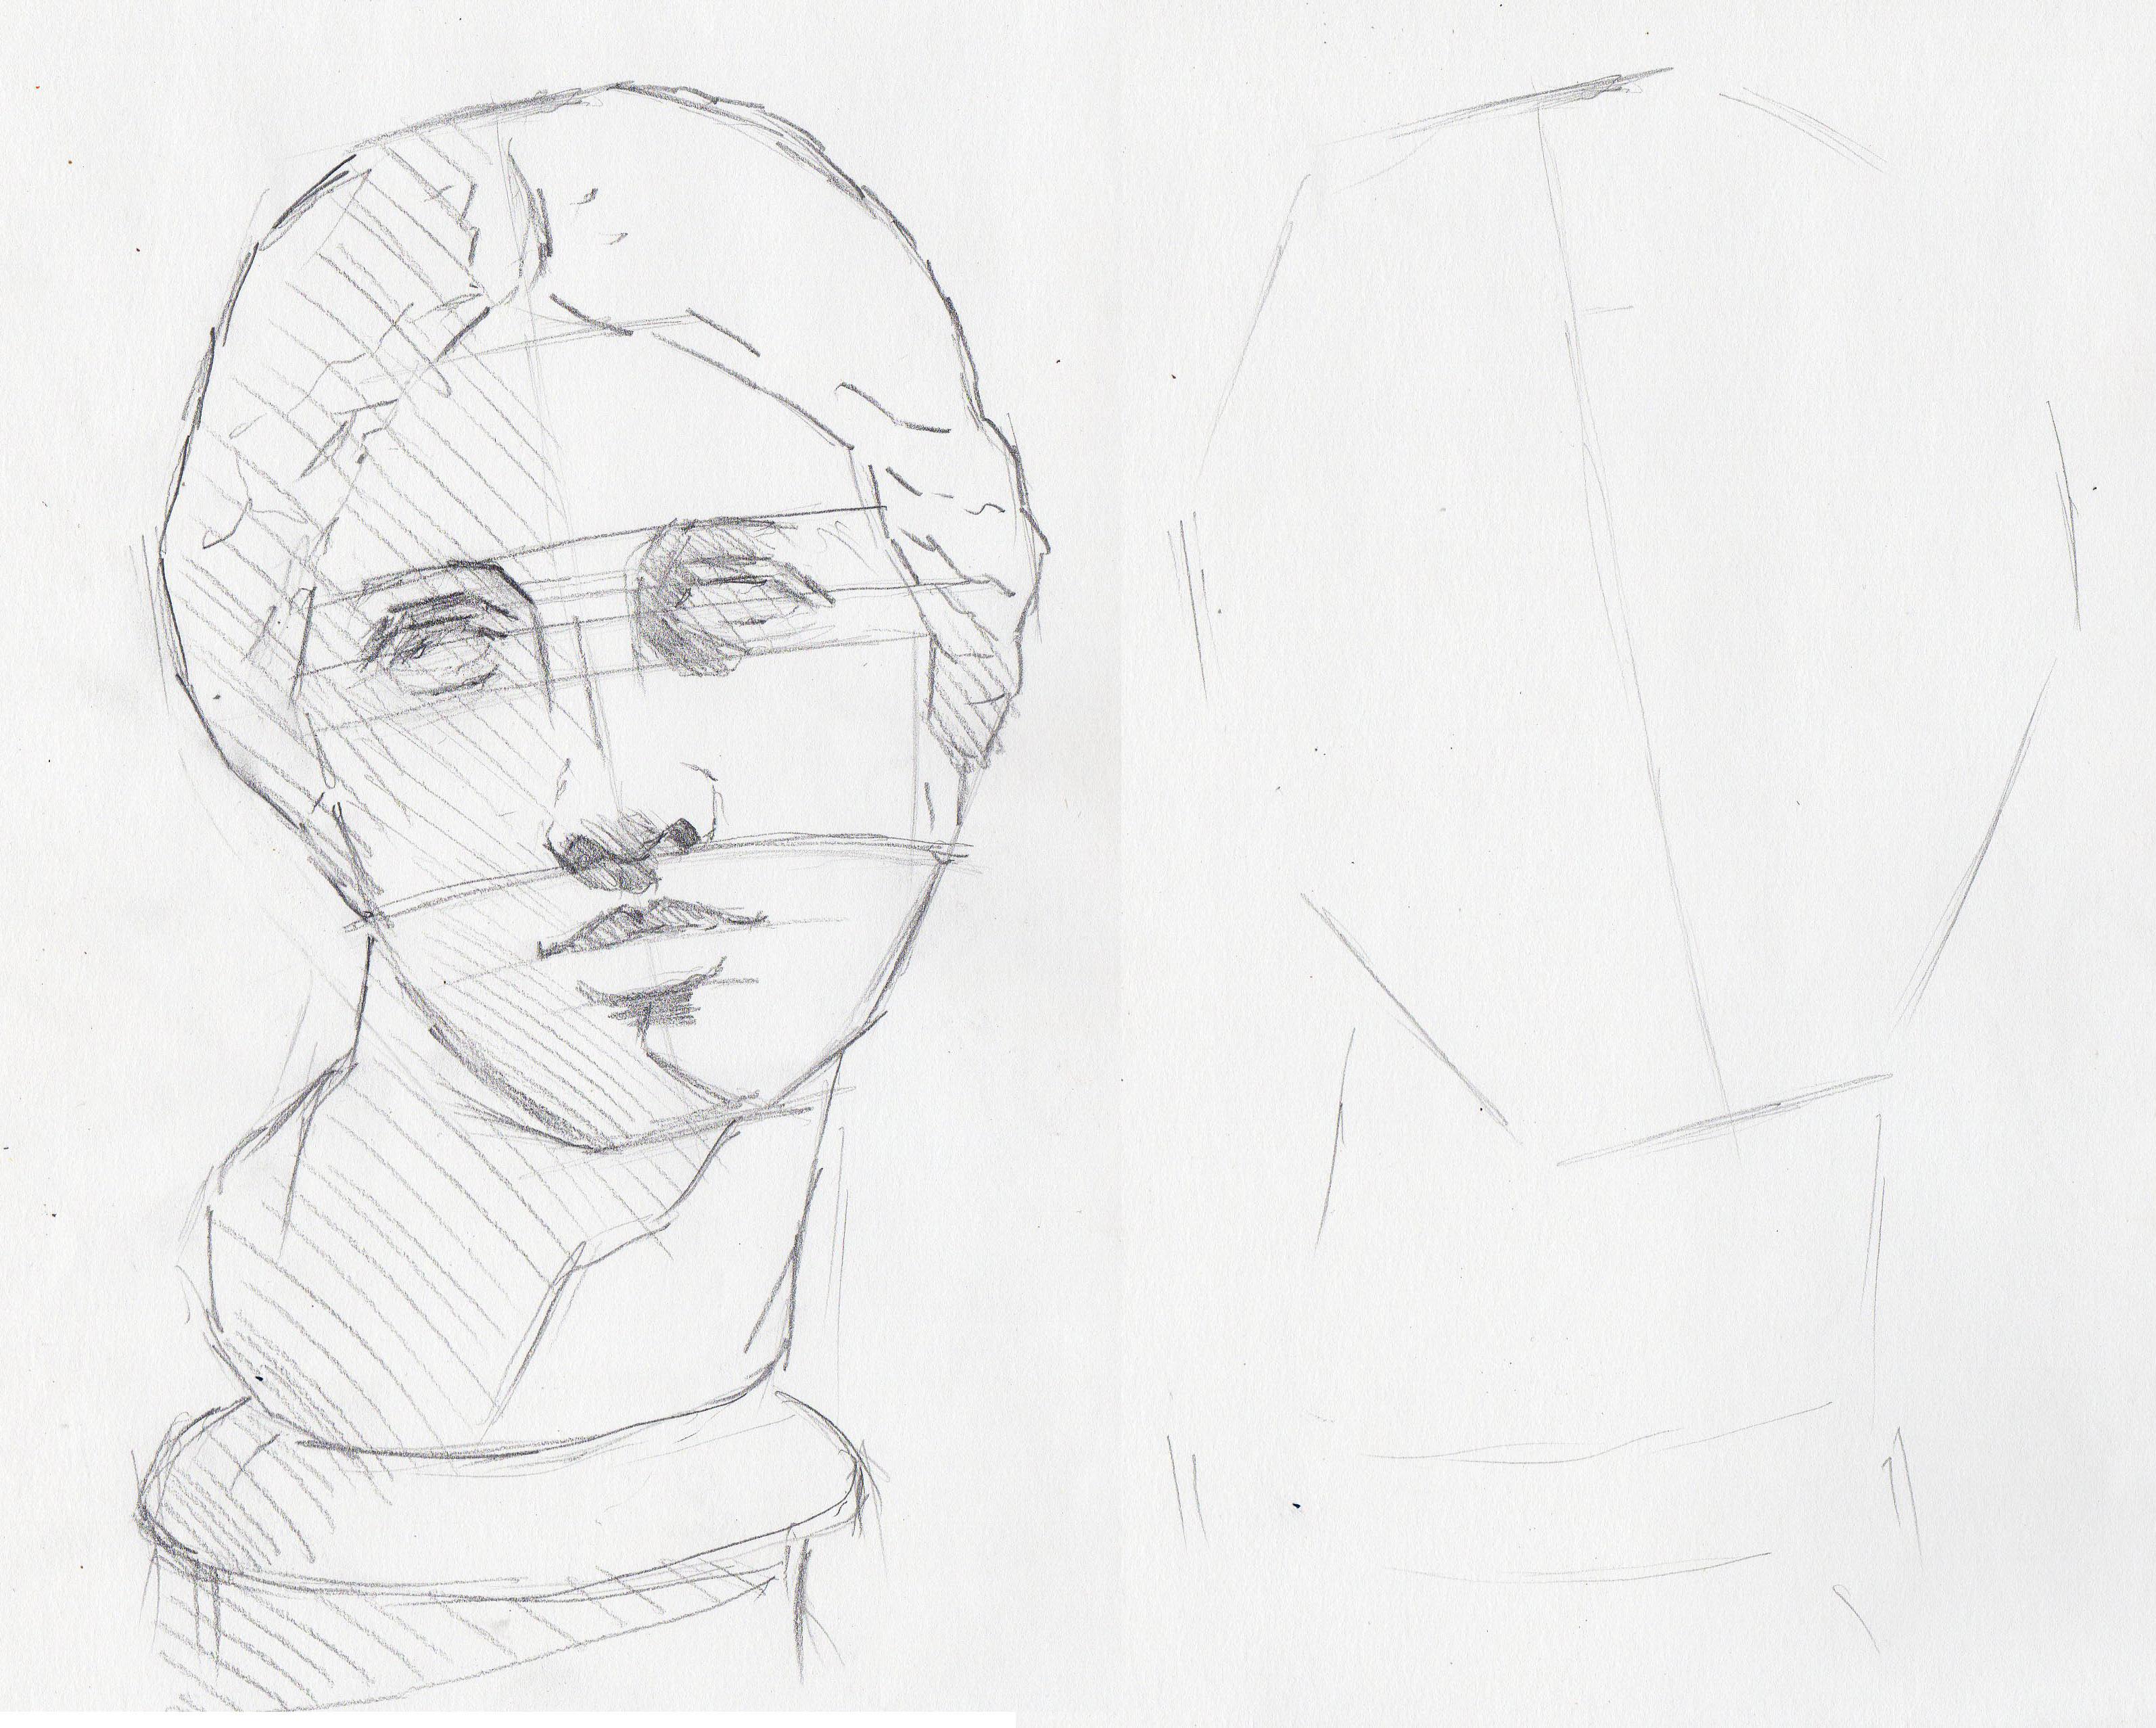 3188x2555 Face Easy Sketch